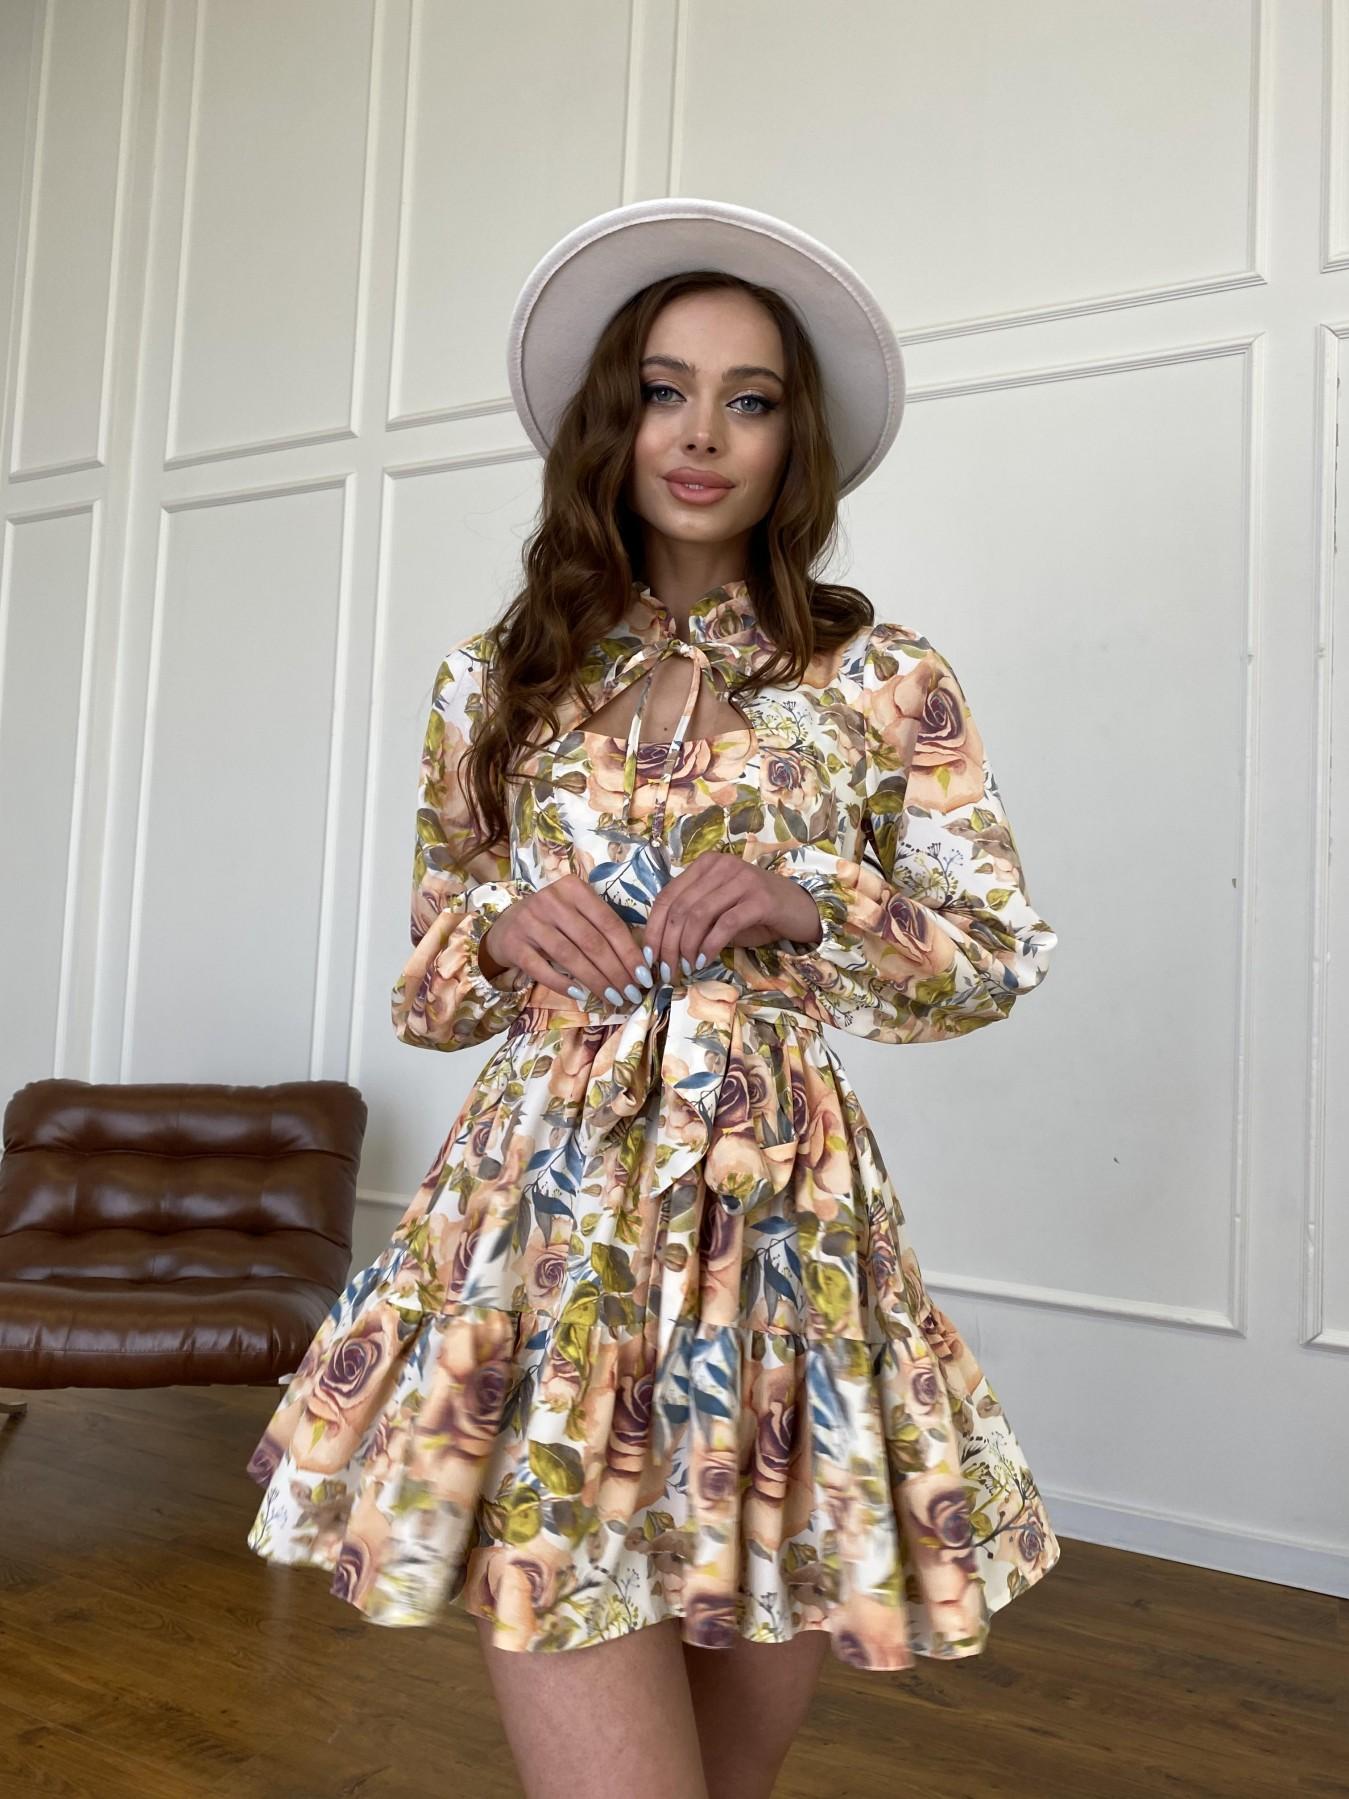 Марселла платье  софт принт бистрейч 11200 АРТ. 47710 Цвет: Кр.розы/молоко/персик - фото 8, интернет магазин tm-modus.ru